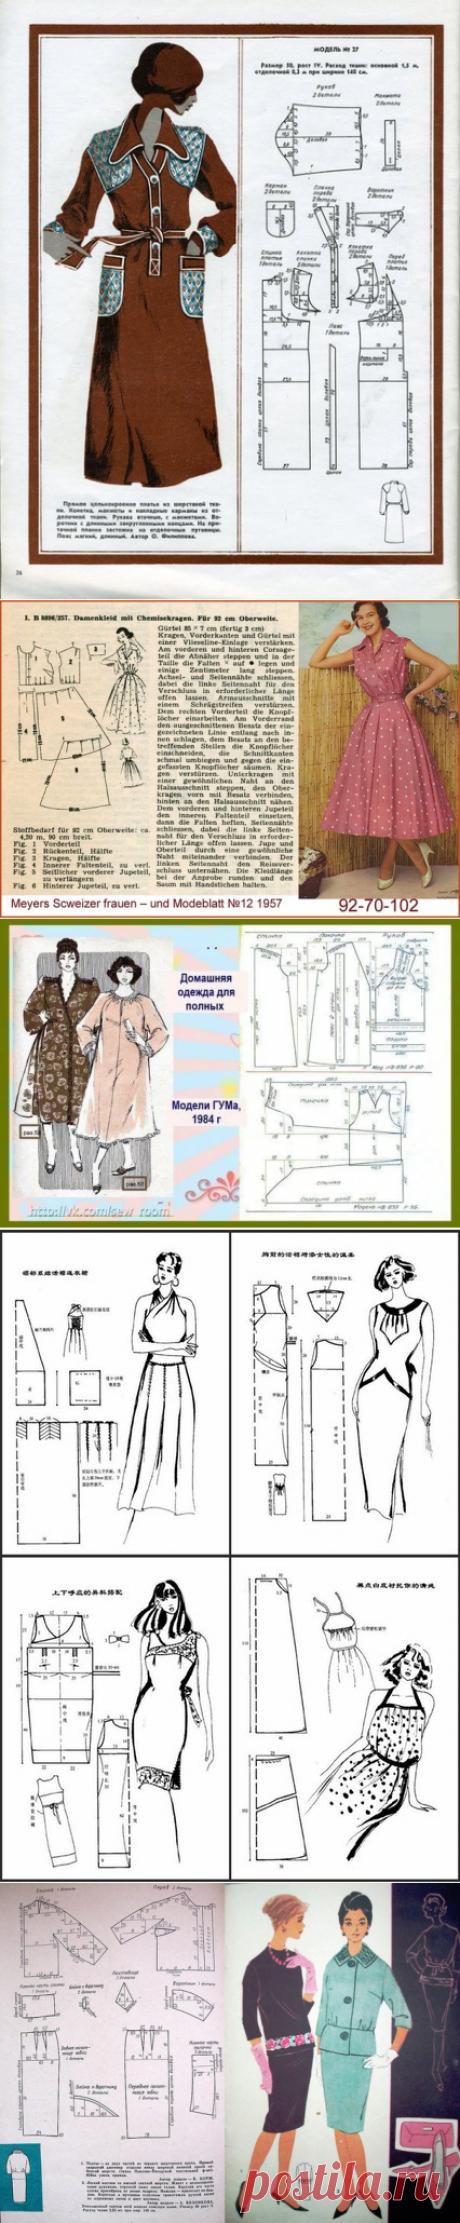 El taller de la ropa de diseñador: la costura, el corte, la labor de punto. Los retro-patrones de las revistas viejas.